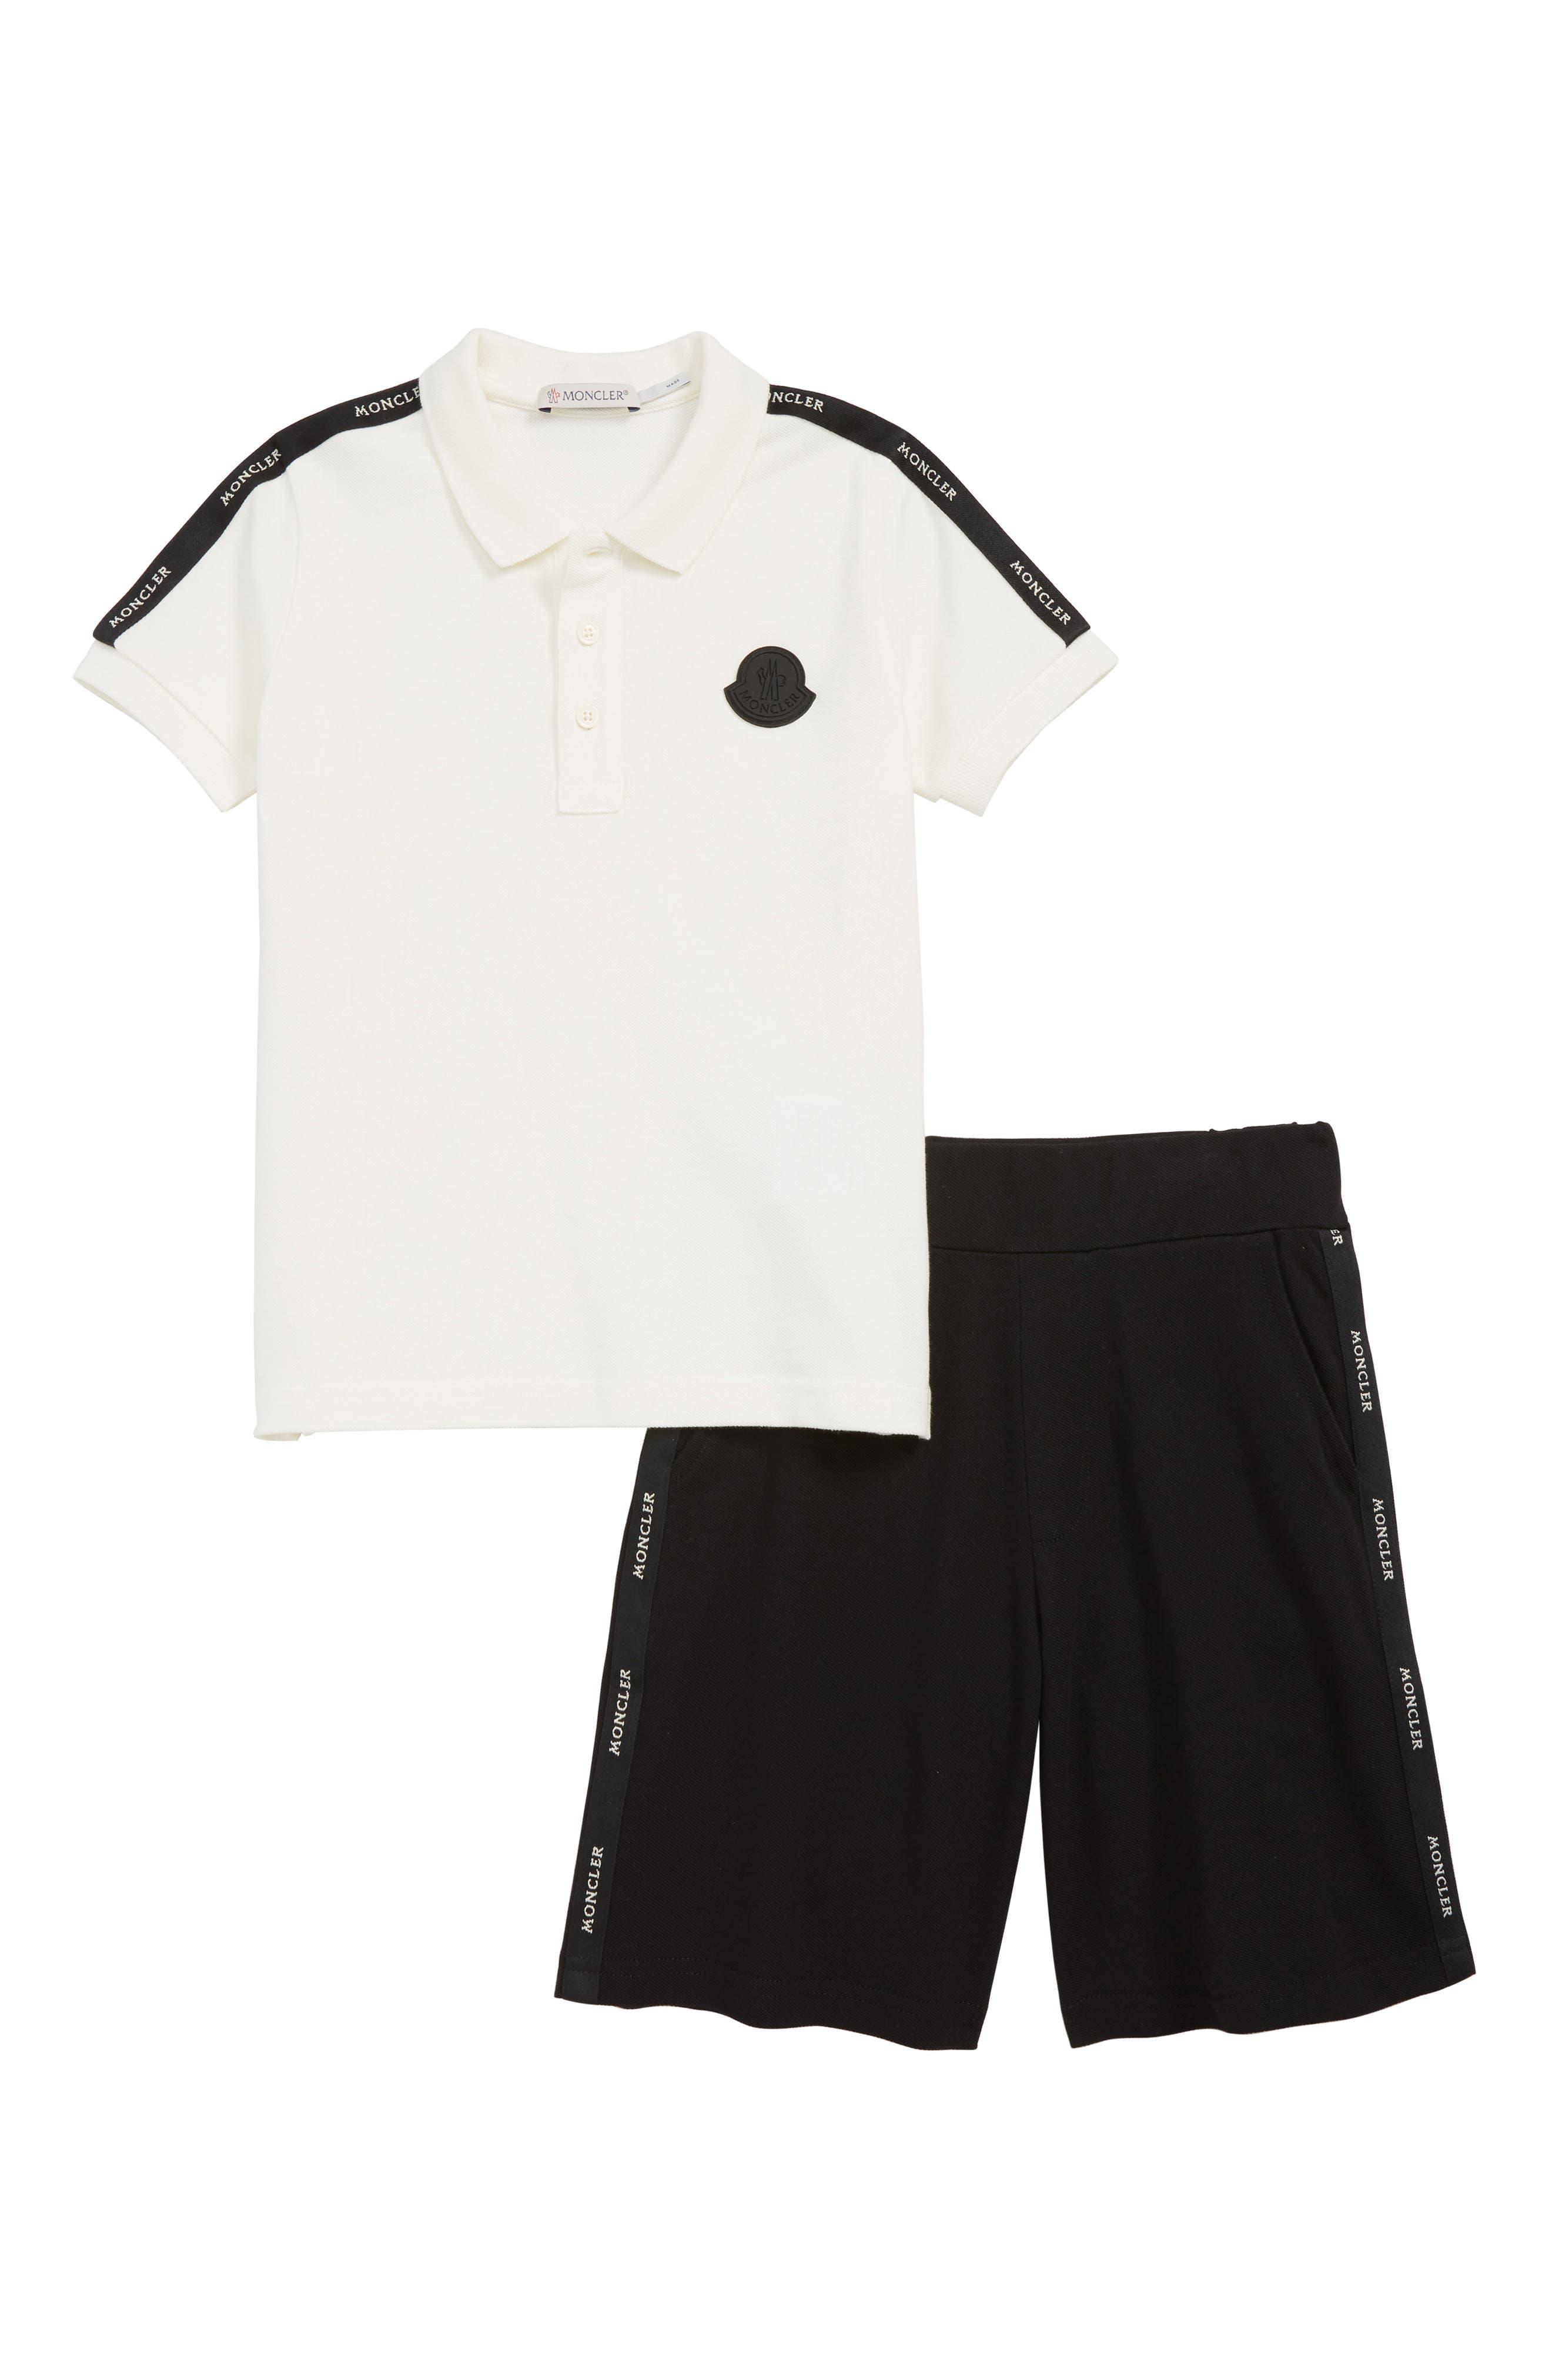 MONCLER, Polo & Shorts Set, Main thumbnail 1, color, NATURAL